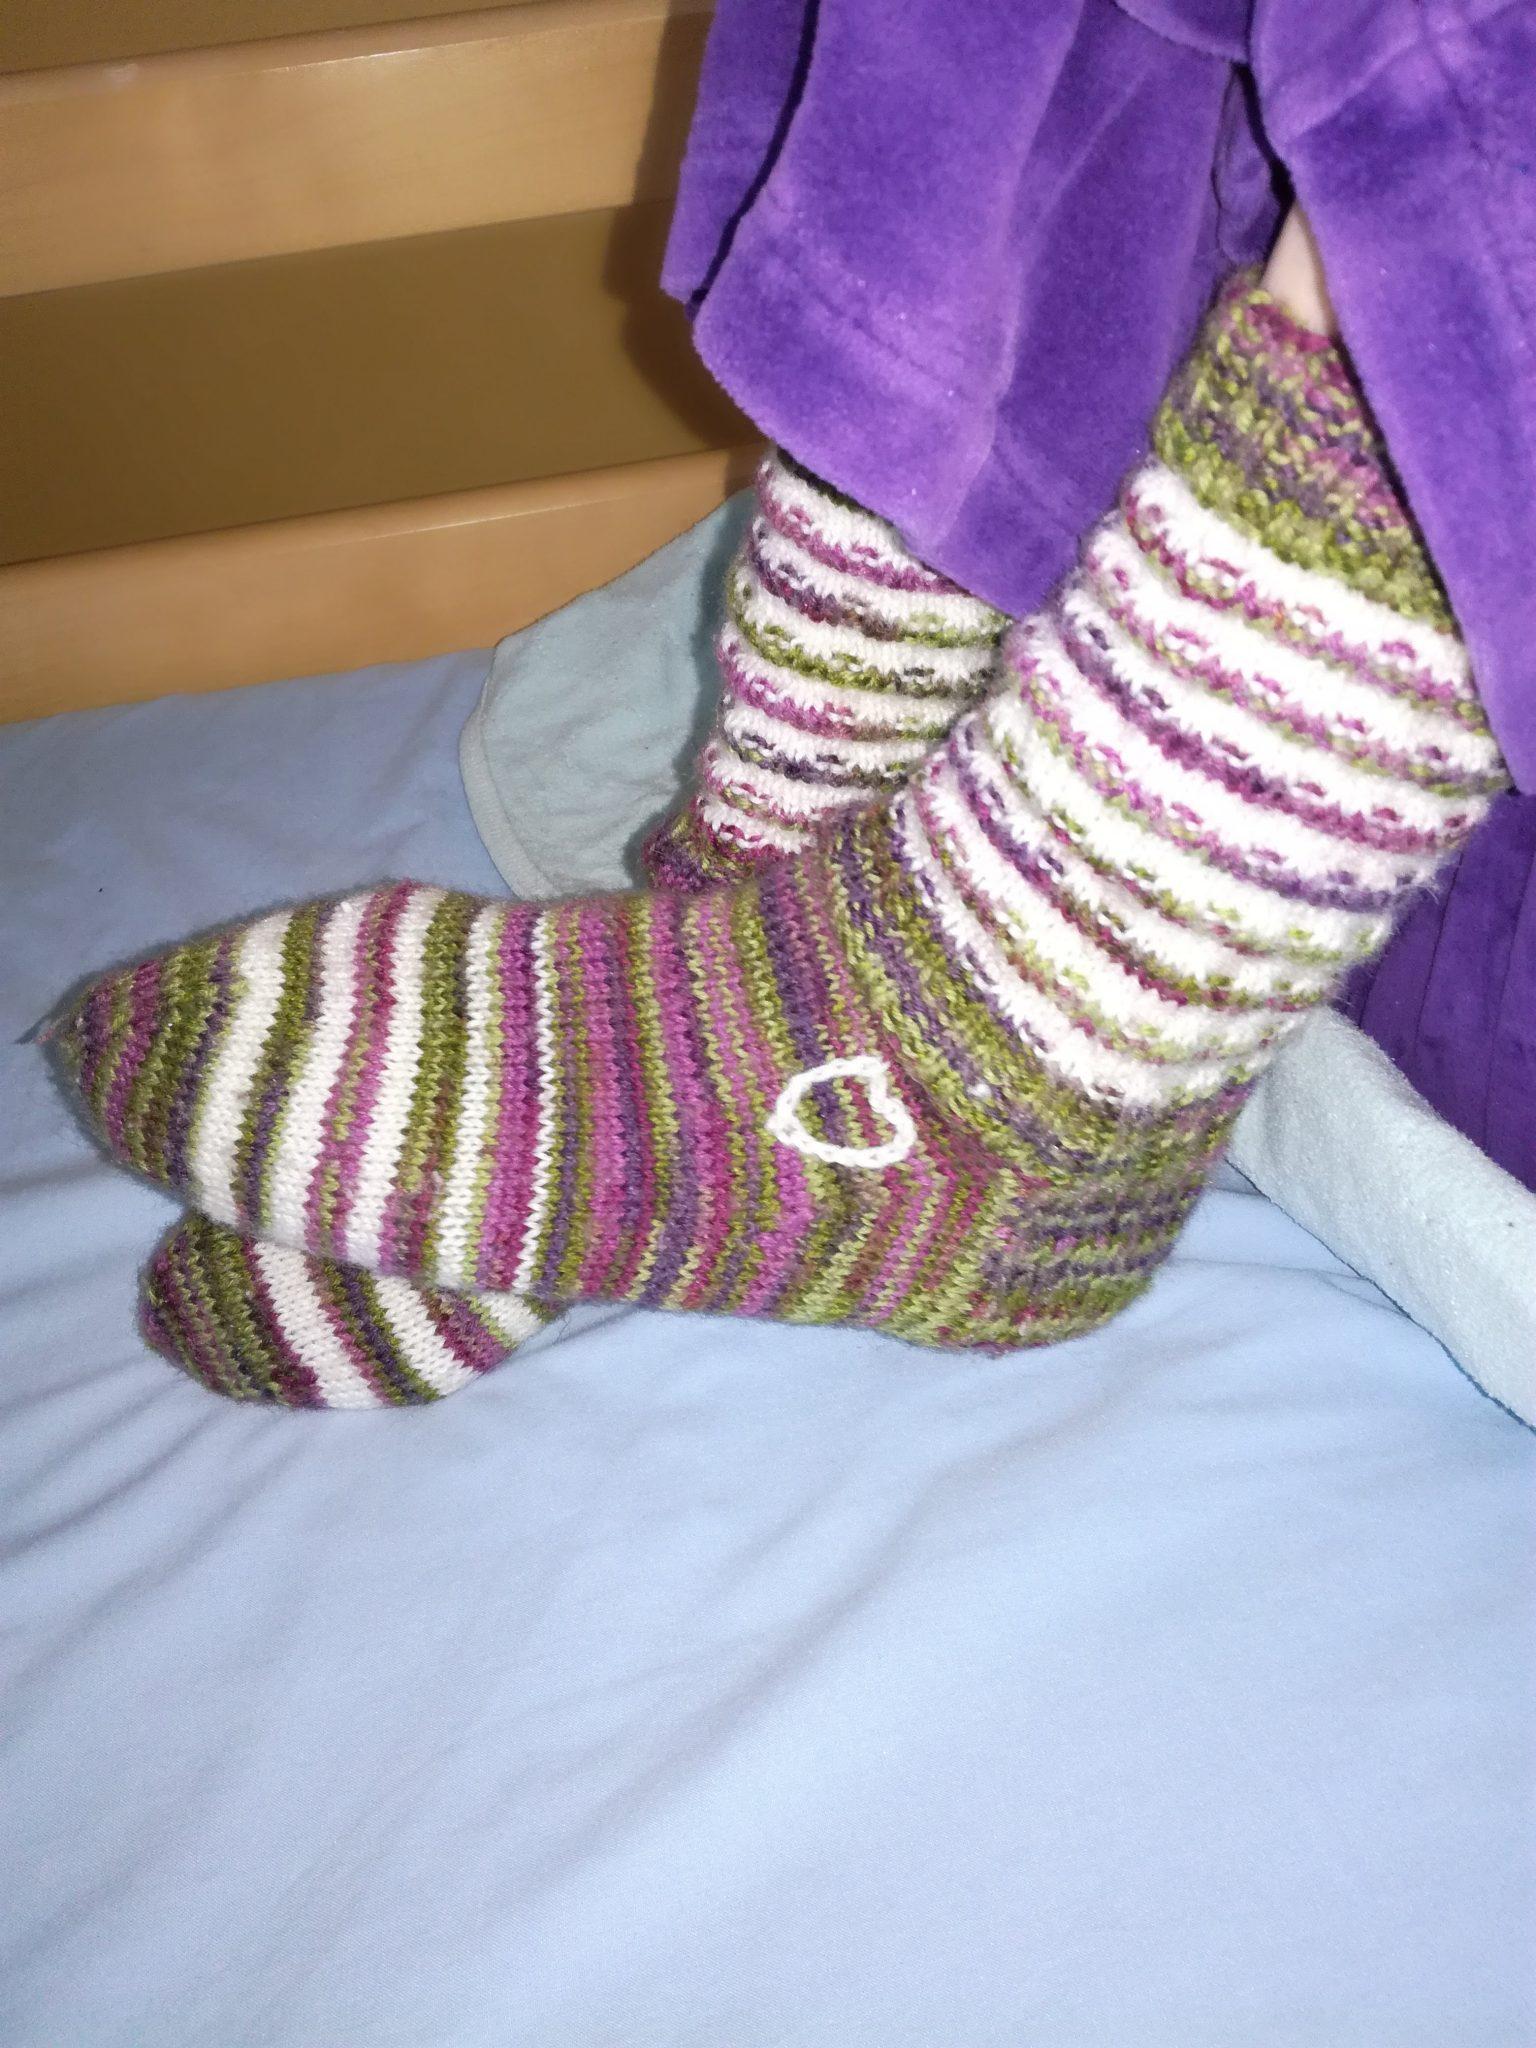 Paula tekee jokaiselle asukkaalle oman näköiset sukat